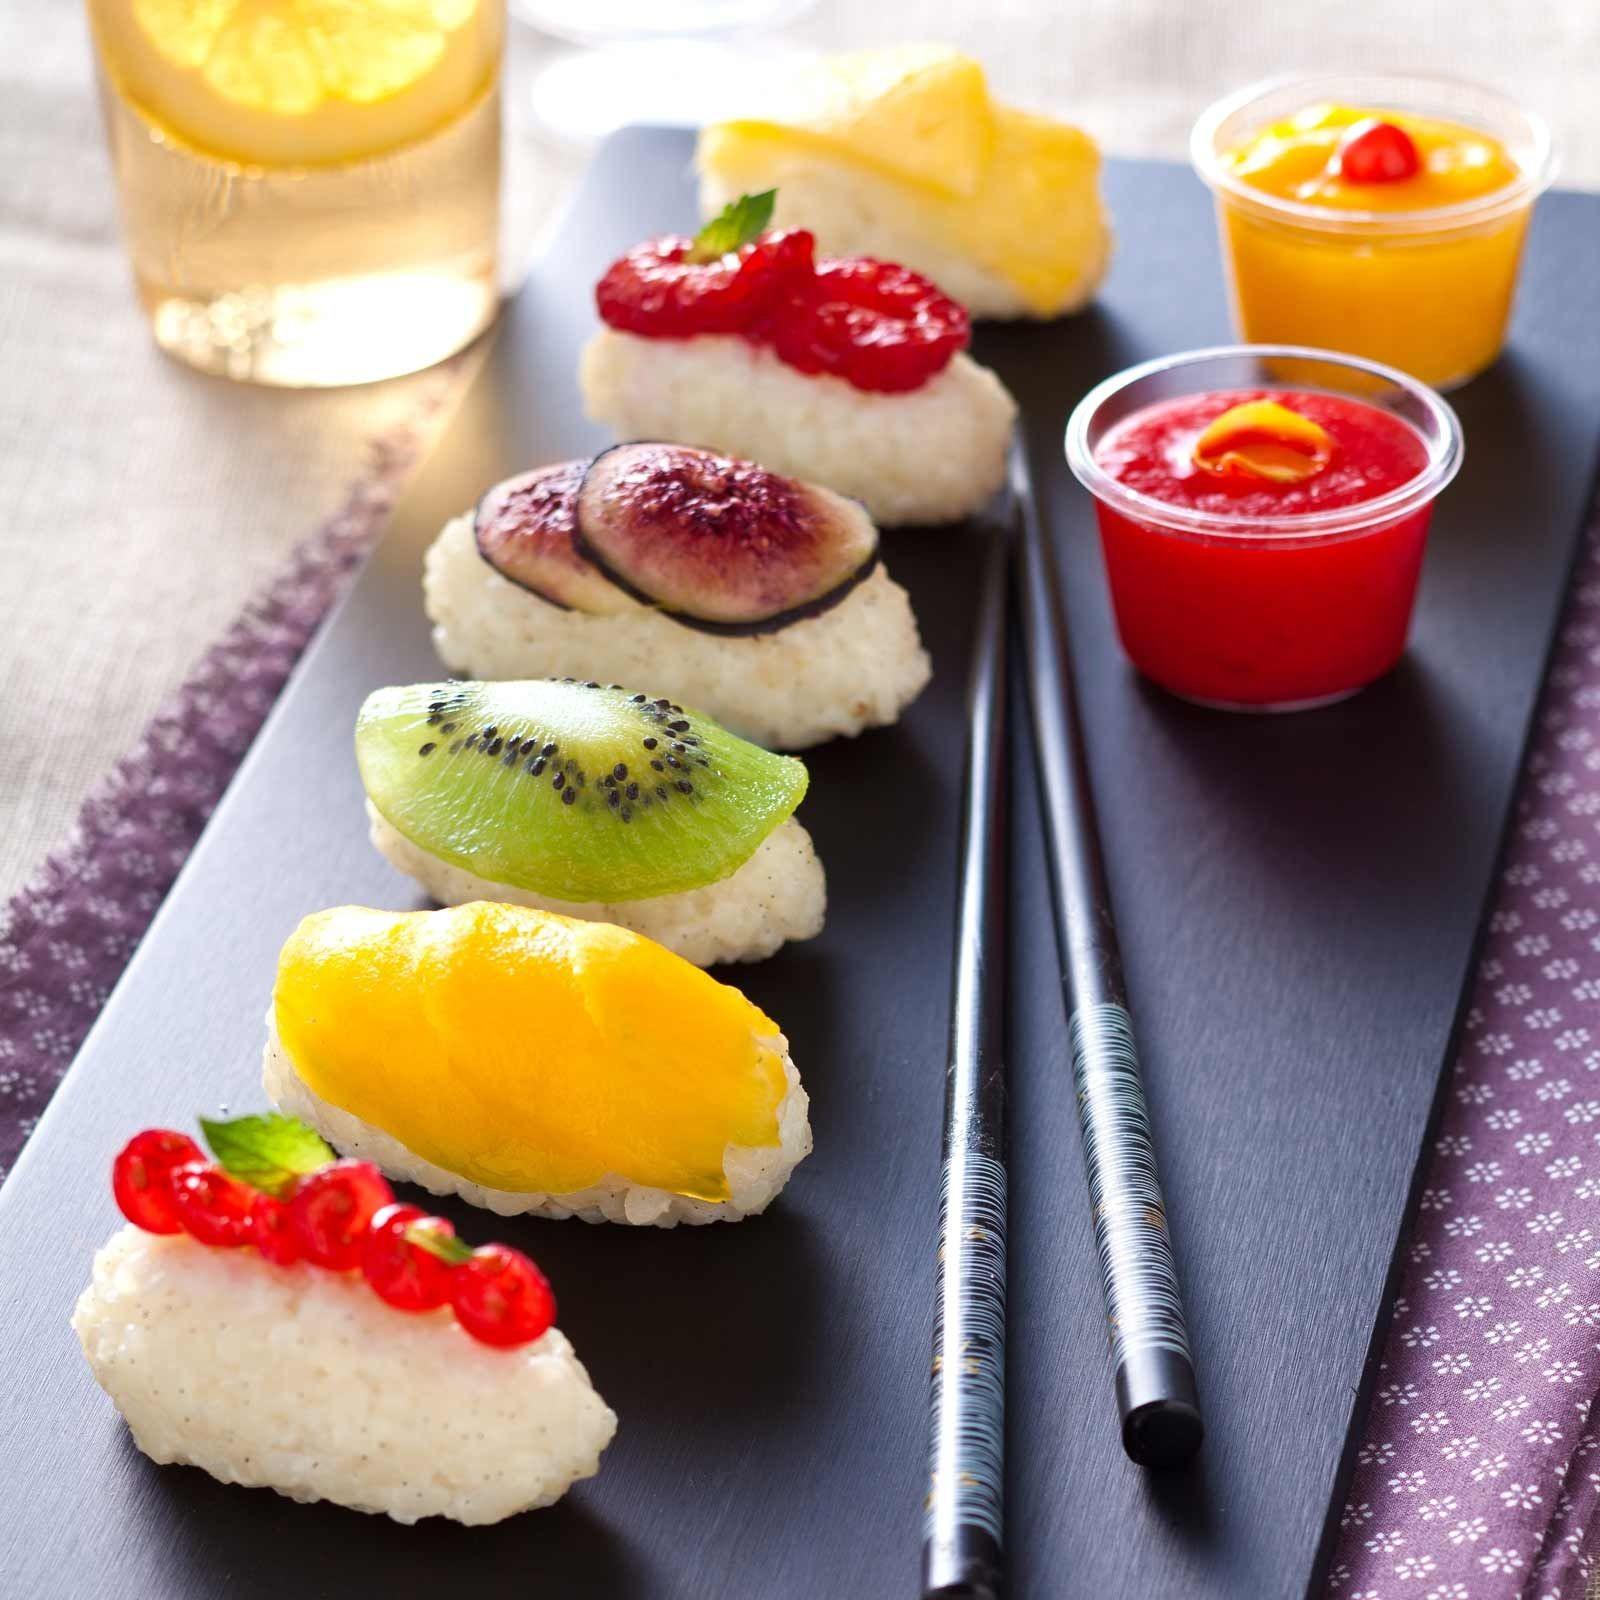 تزيين الفواكه للضيوف - سوشي الفواكه